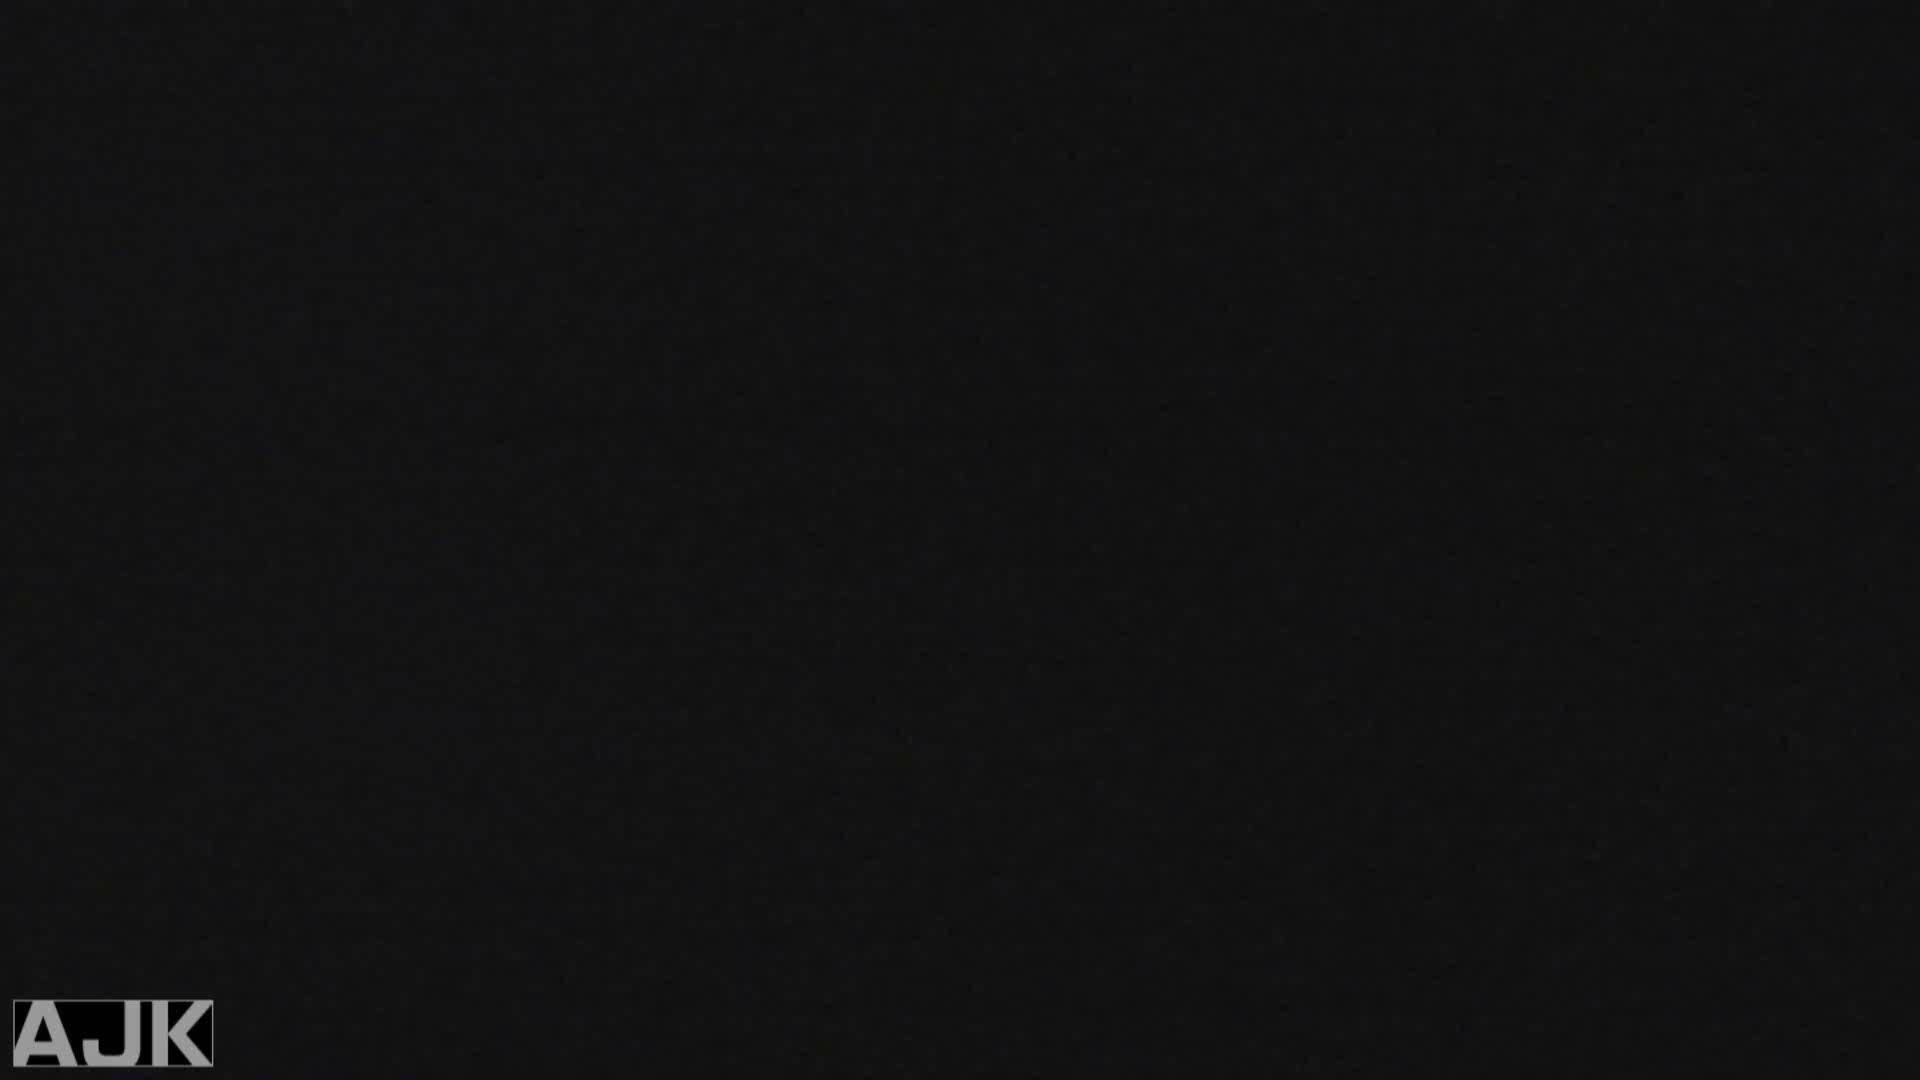 隣国上階級エリアの令嬢たちが集うデパートお手洗い Vol.25 美女 ワレメ無修正動画無料 94枚 91